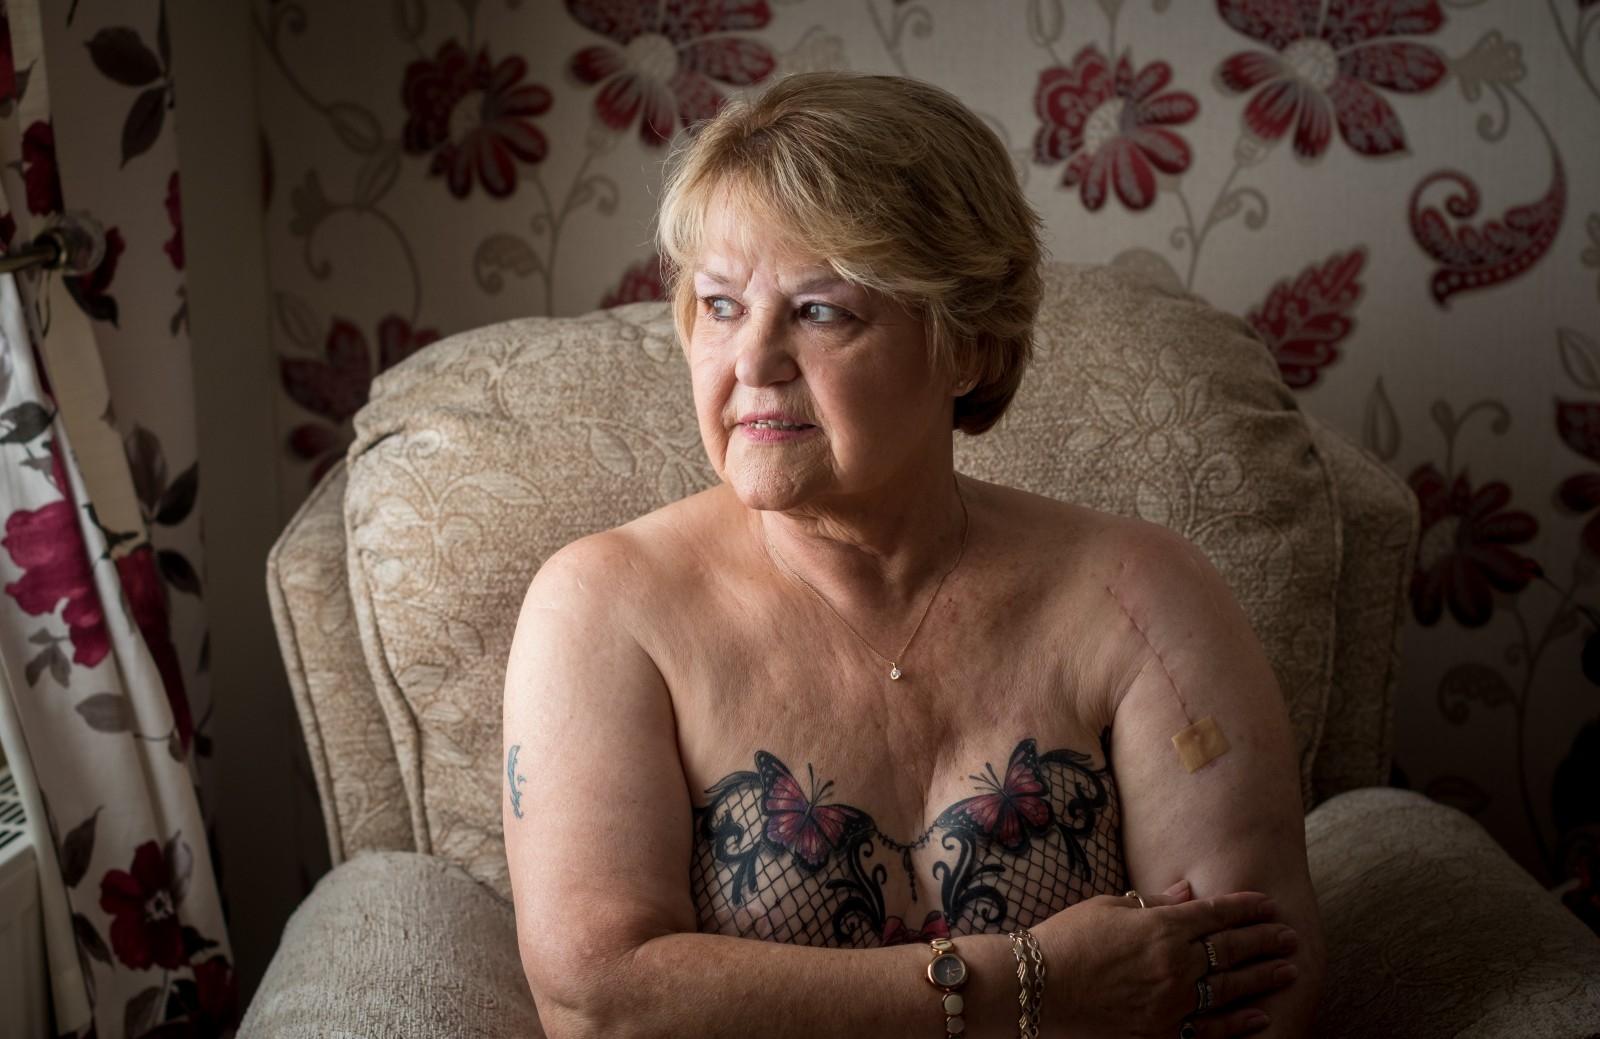 Секс 60 летни, Бесплатное порно видео 60-х годов 26 фотография